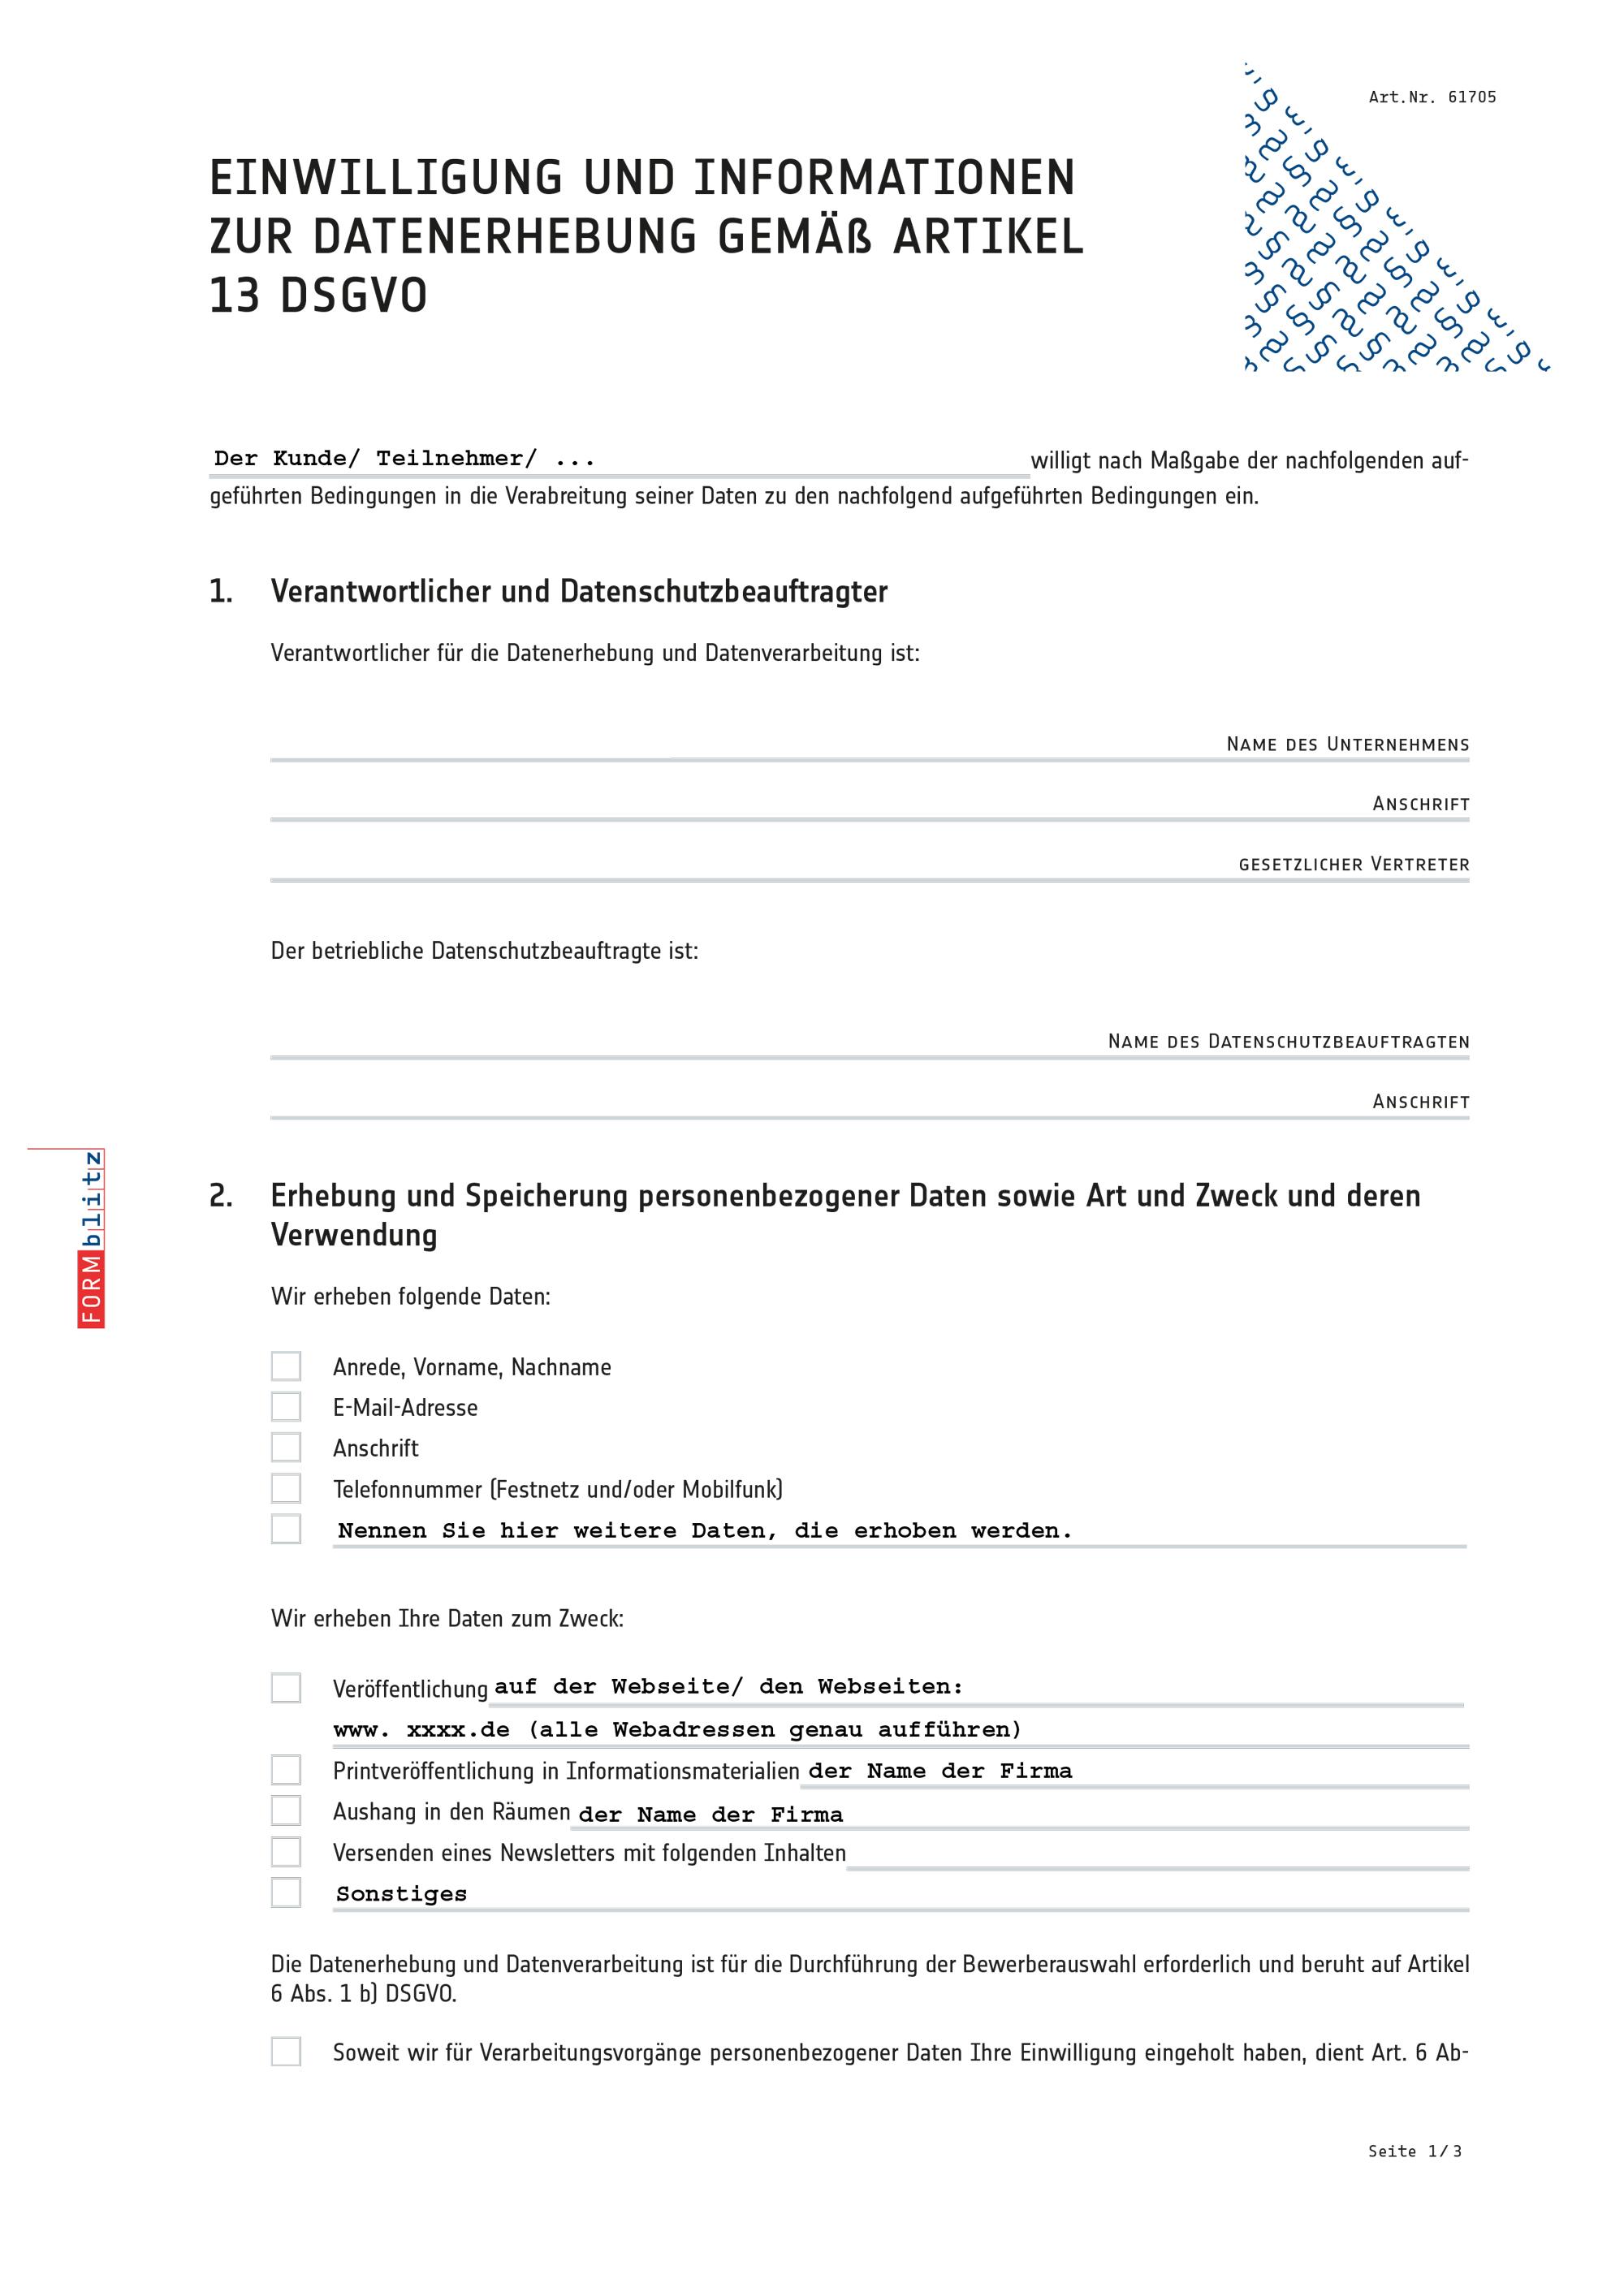 Einwilligungserklärung zur Datennutzung gemäß DSGVO (PDF) [Download]